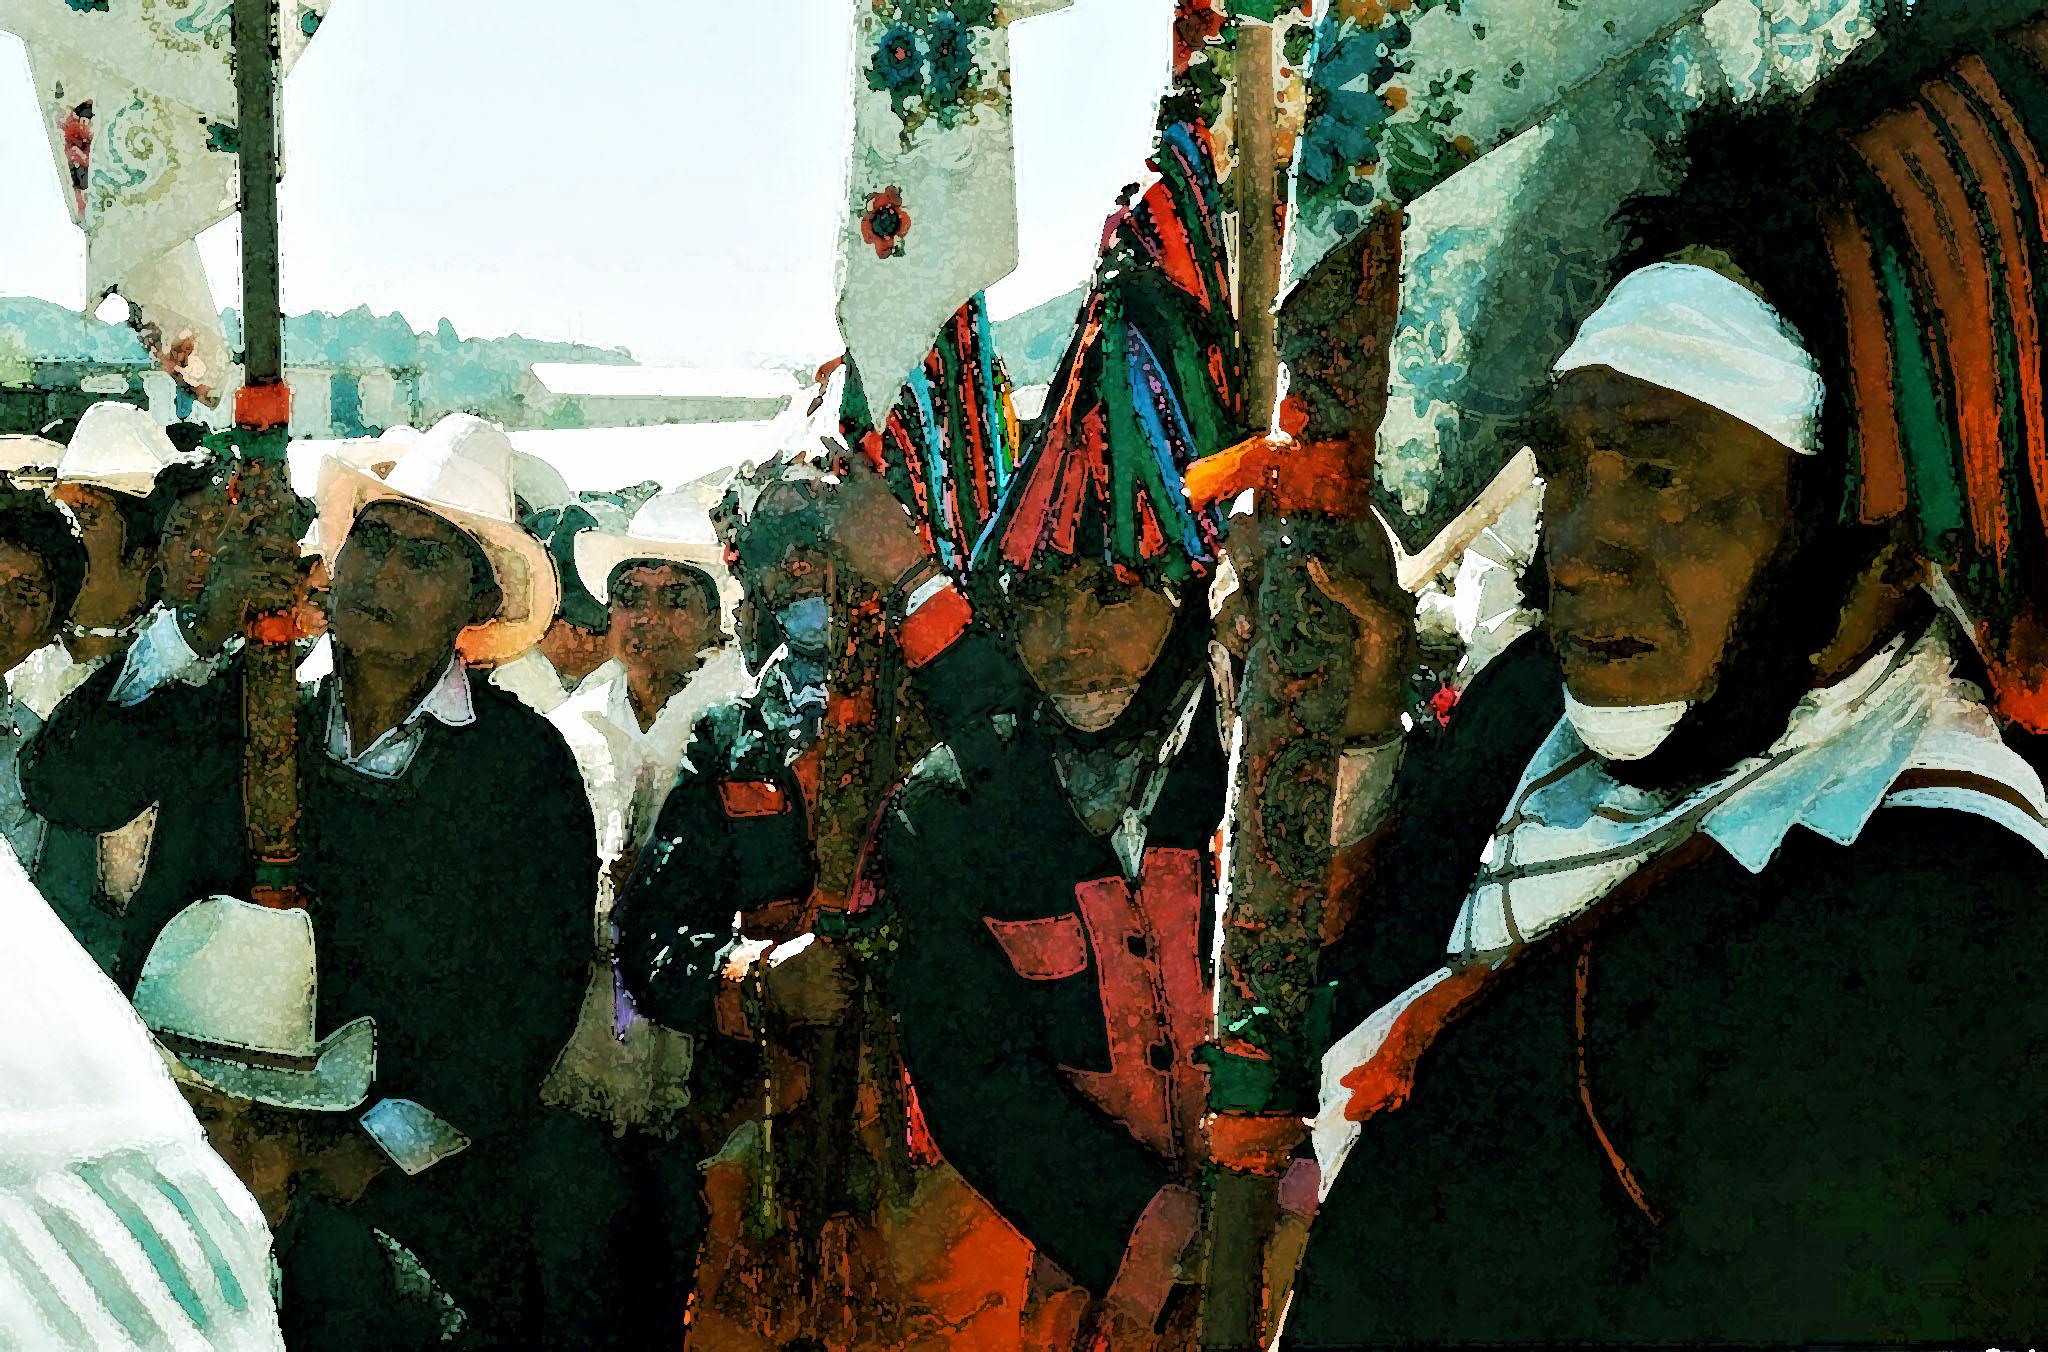 Carnaval Chamula, 1995